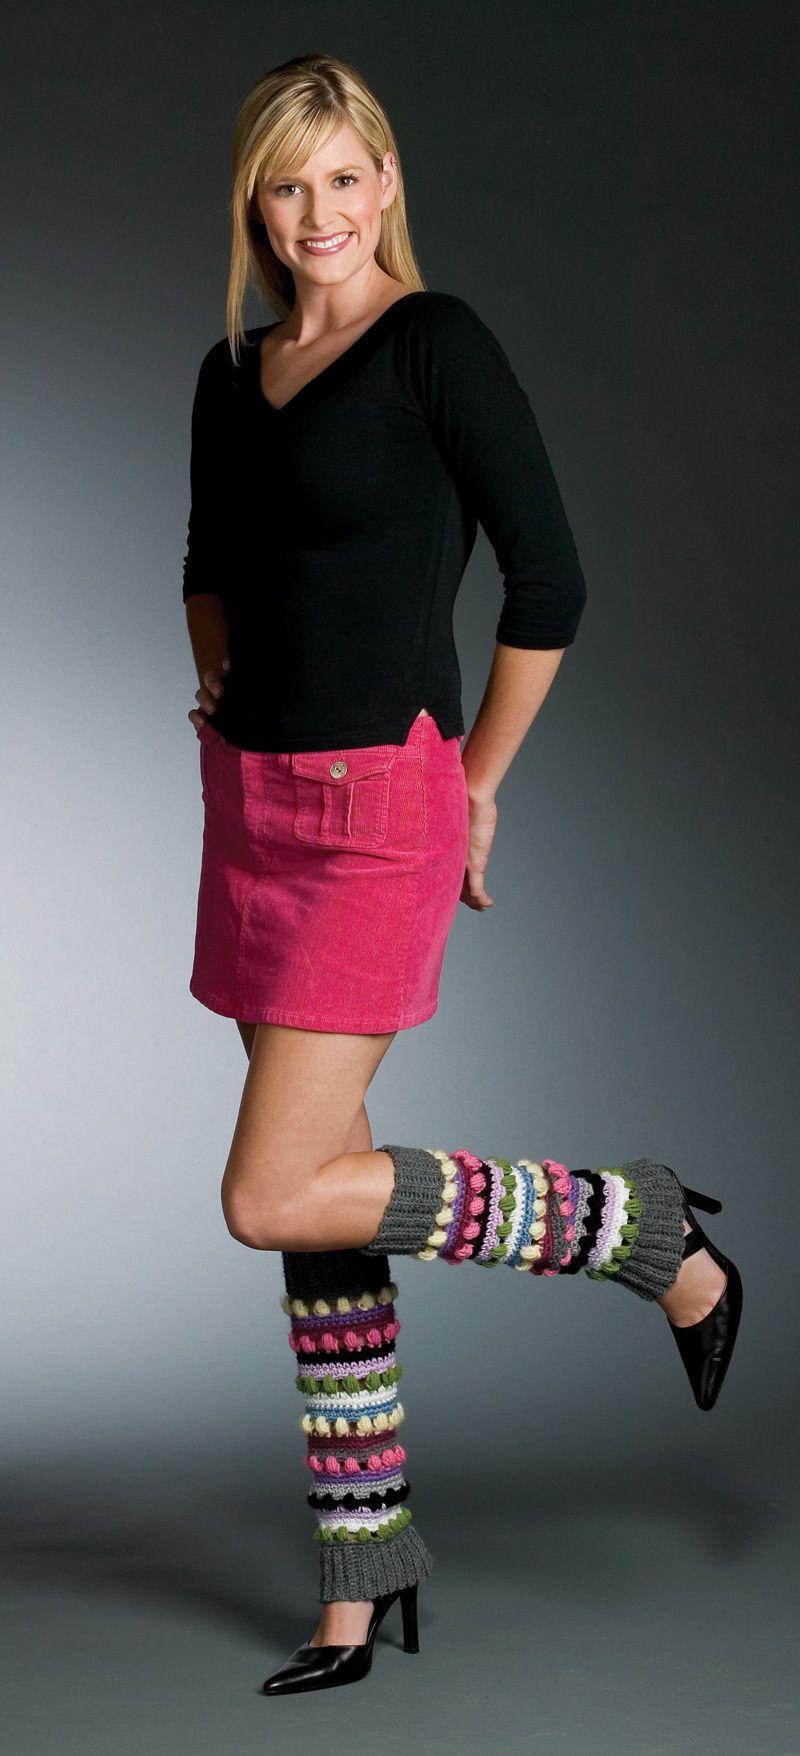 Striped leg warners free pattern crochet stuff pinterest miss julias vintage knit crochet patterns free patterns 25 luscious leg warmers to knit crochet bankloansurffo Choice Image